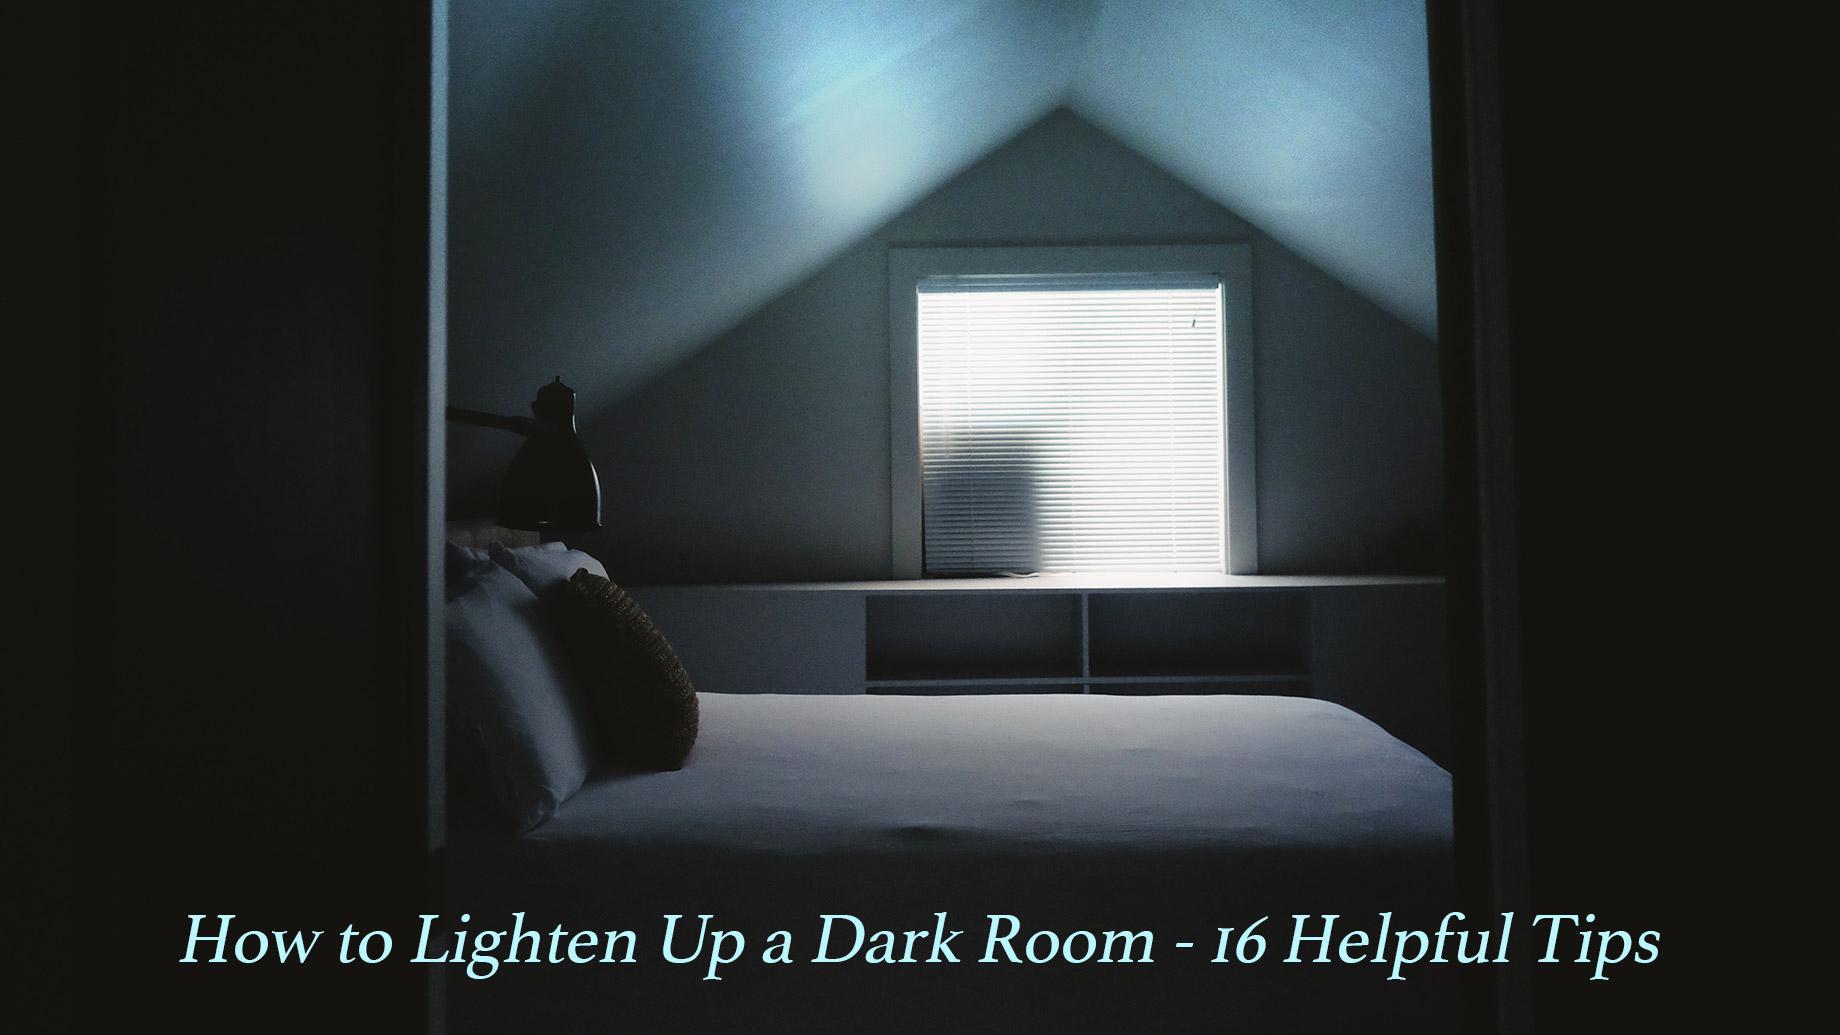 How to Lighten Up a Dark Room - 16 Helpful Tips